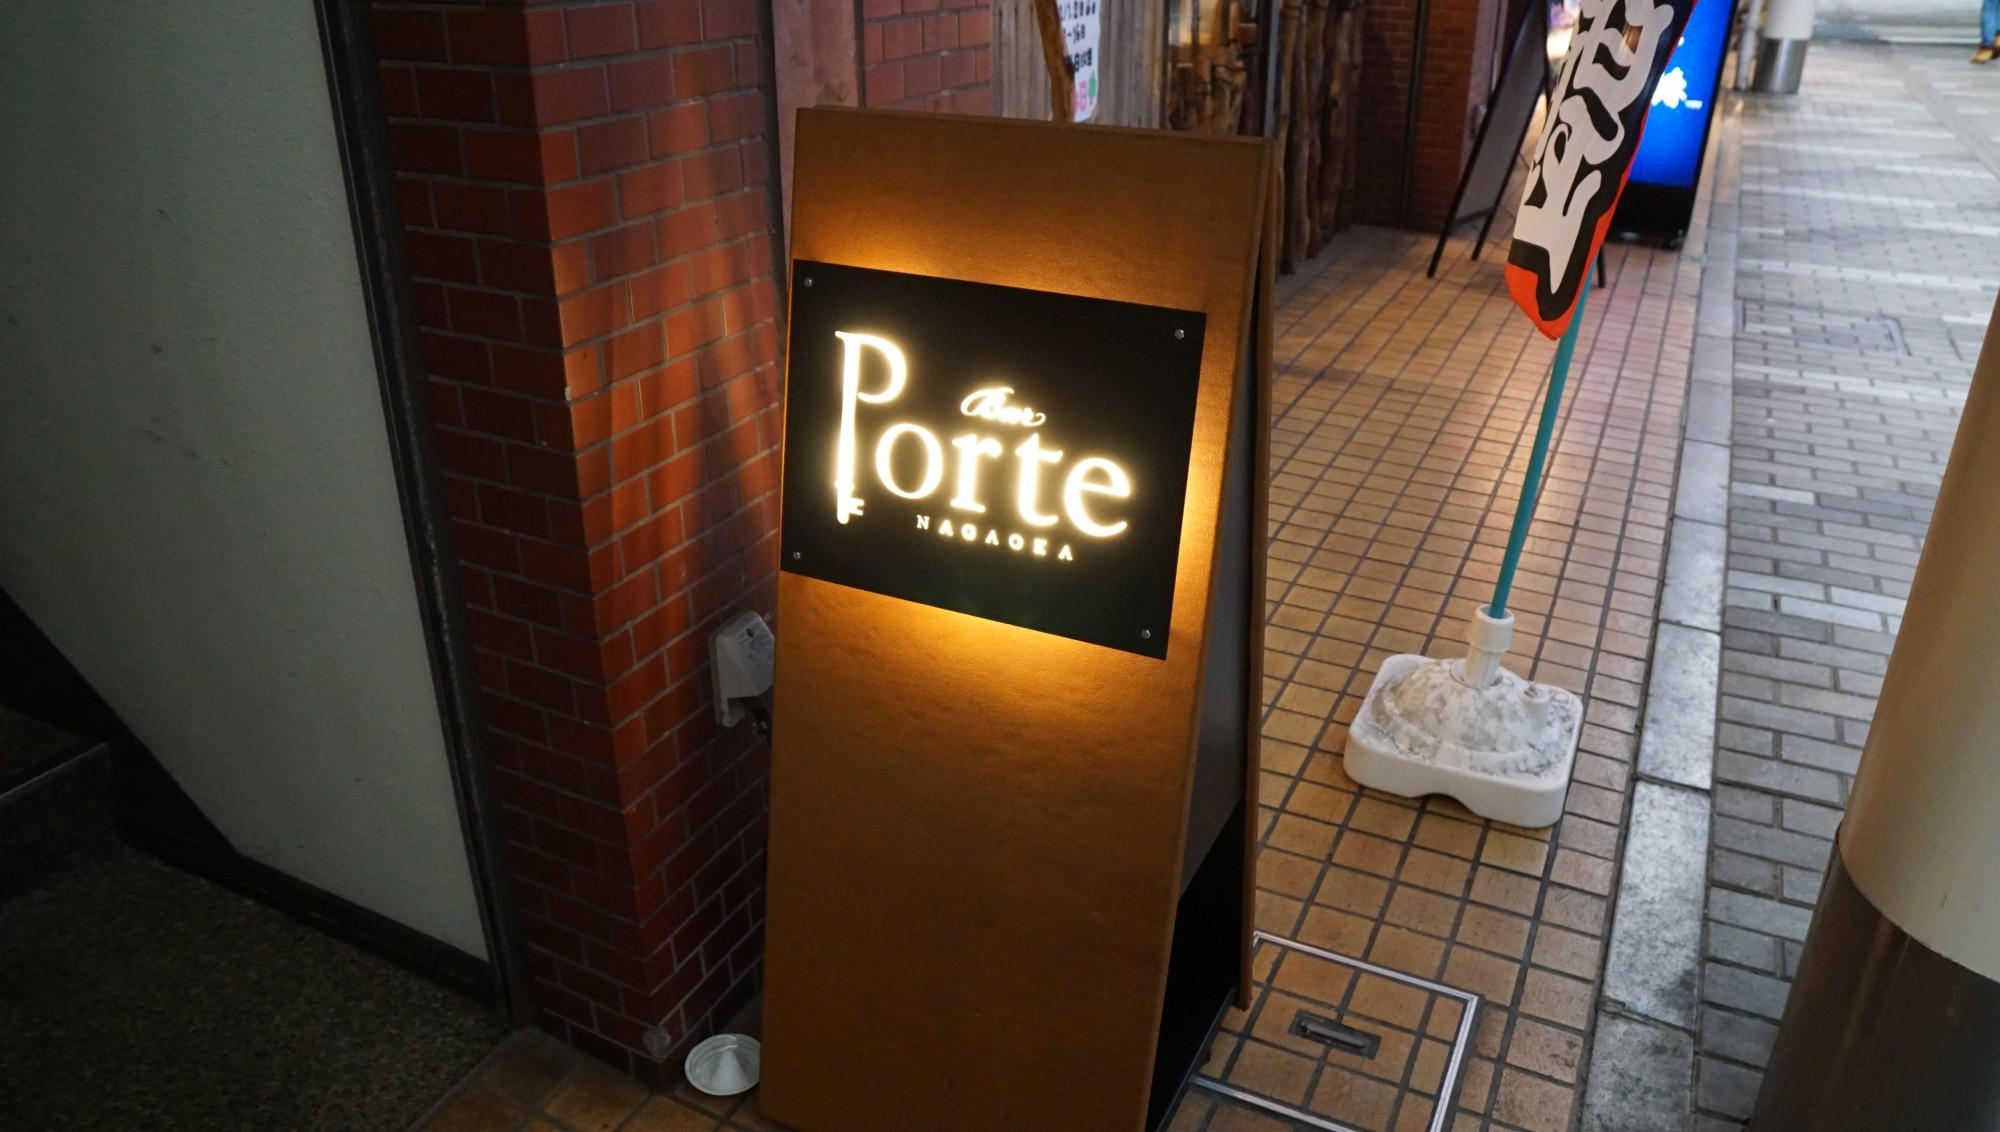 「SAVOY」を引き継いだ「PORTE」の店内。内装はほとんど変わっていない。